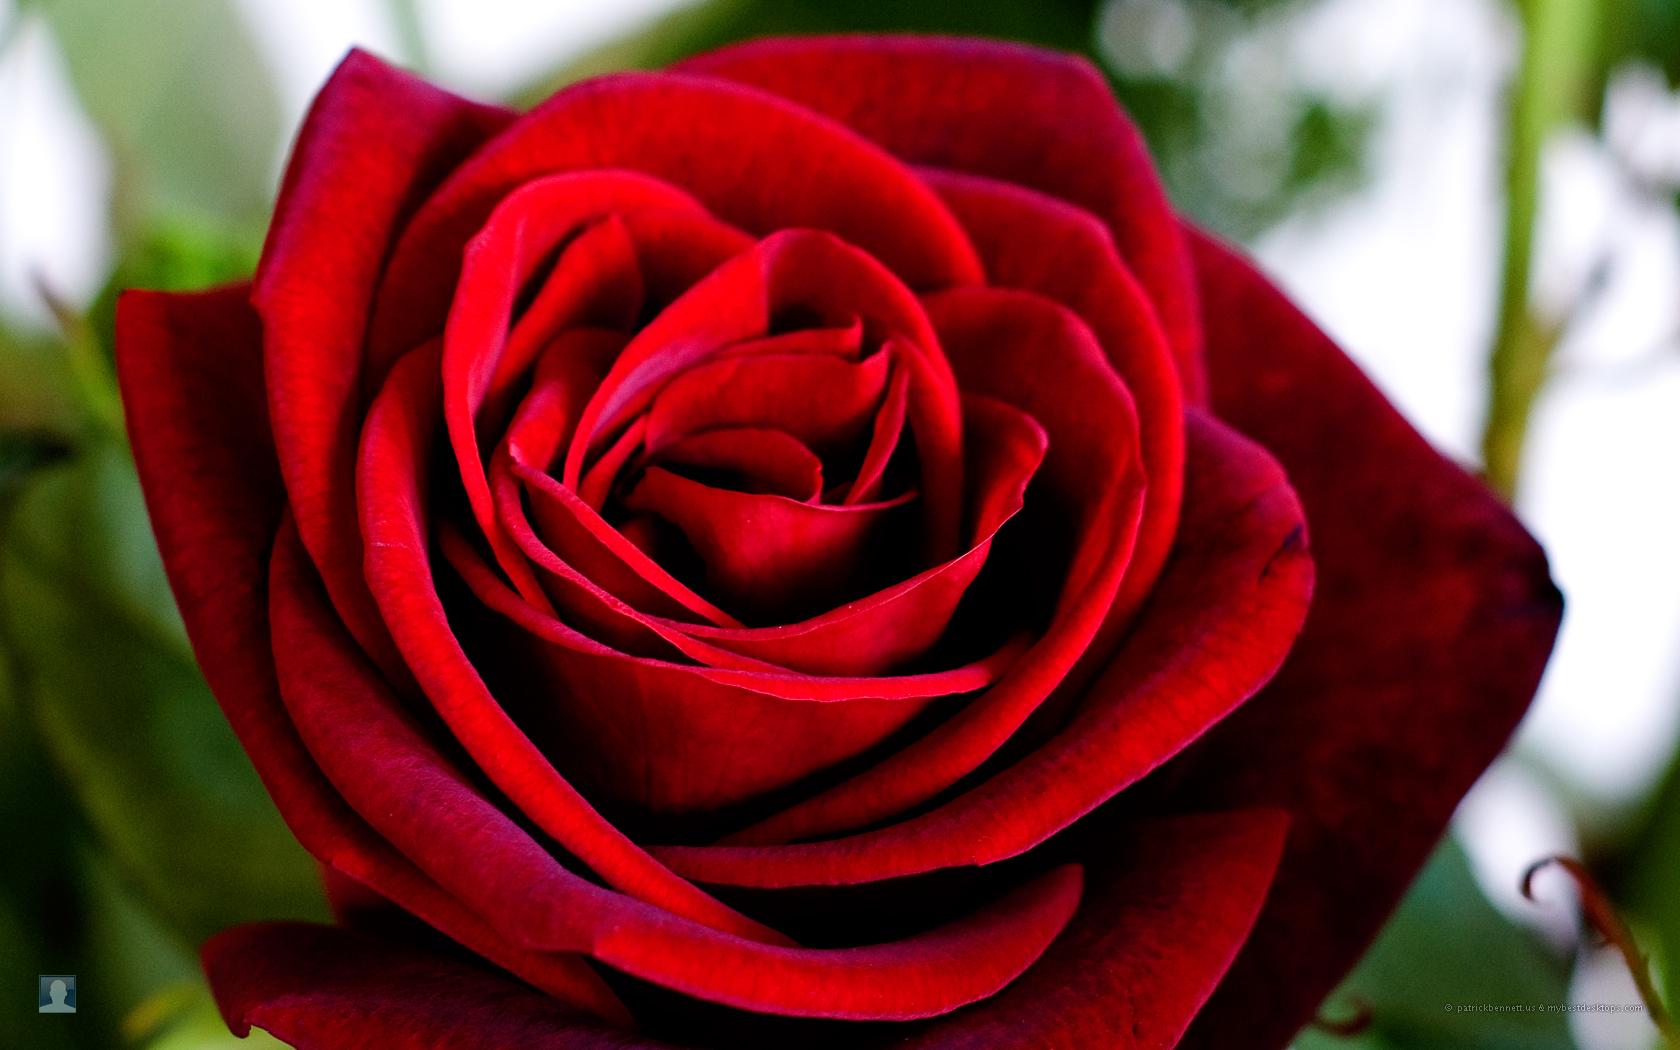 red rose, скачать фото, обои для рабочего стола, красная роза